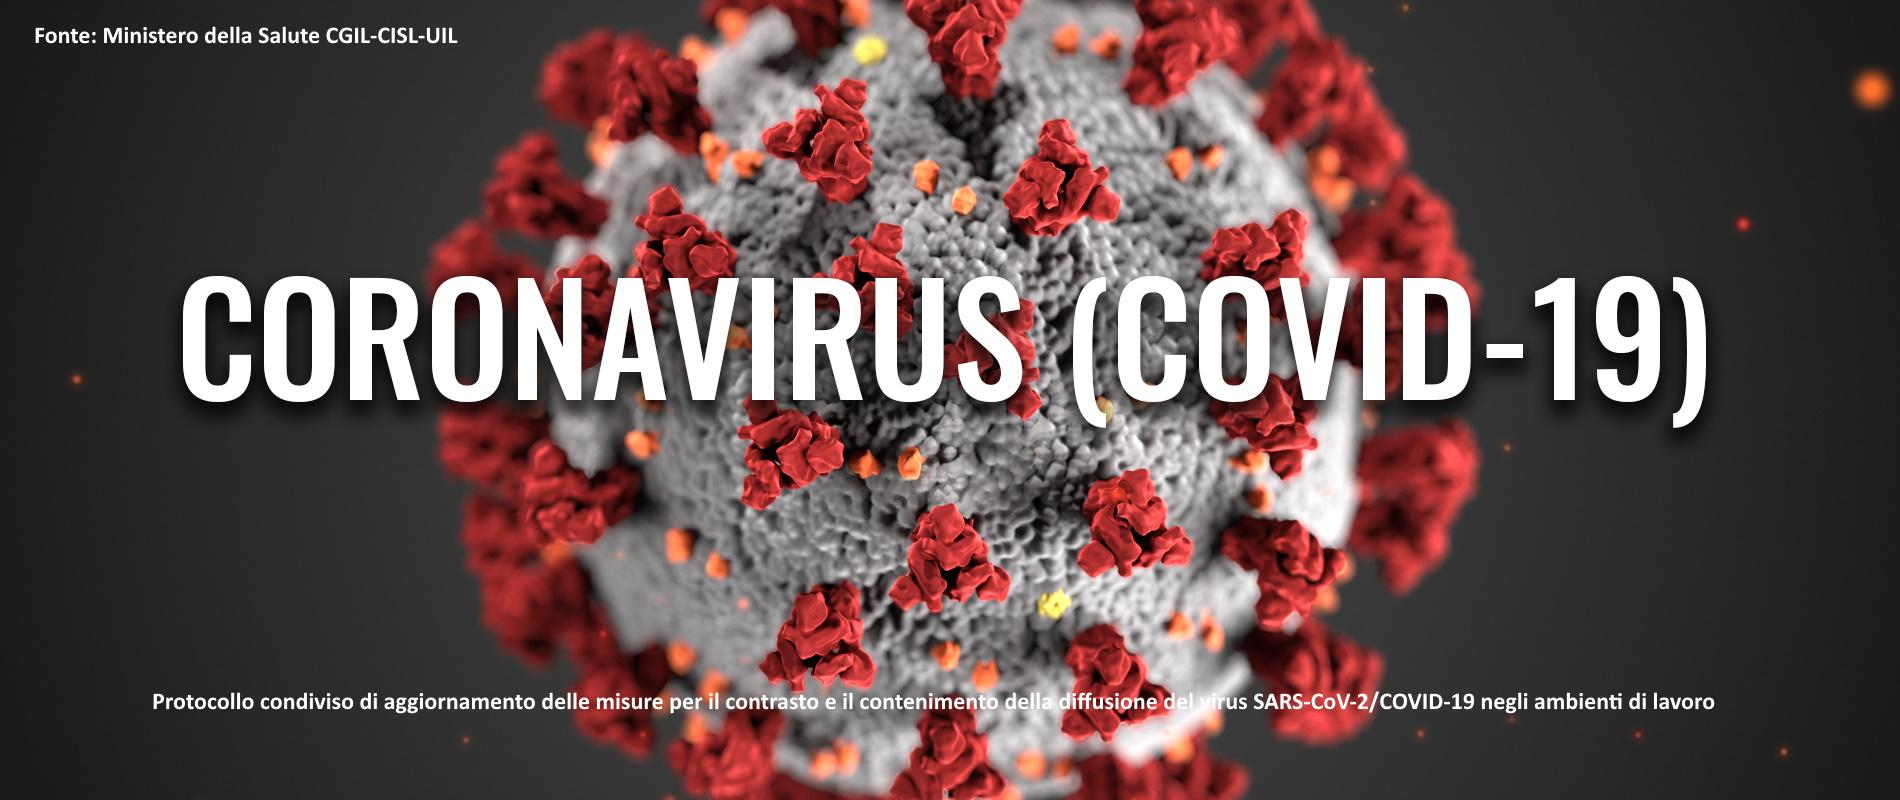 Protocollo condiviso di aggiornamento delle misure per il contrasto e il contenimento della diffusione del virus SARS-CoV-2/COVID-19 negli ambienti di lavoro Fonte: Ministero della Salute CGIL-CISL-UIL